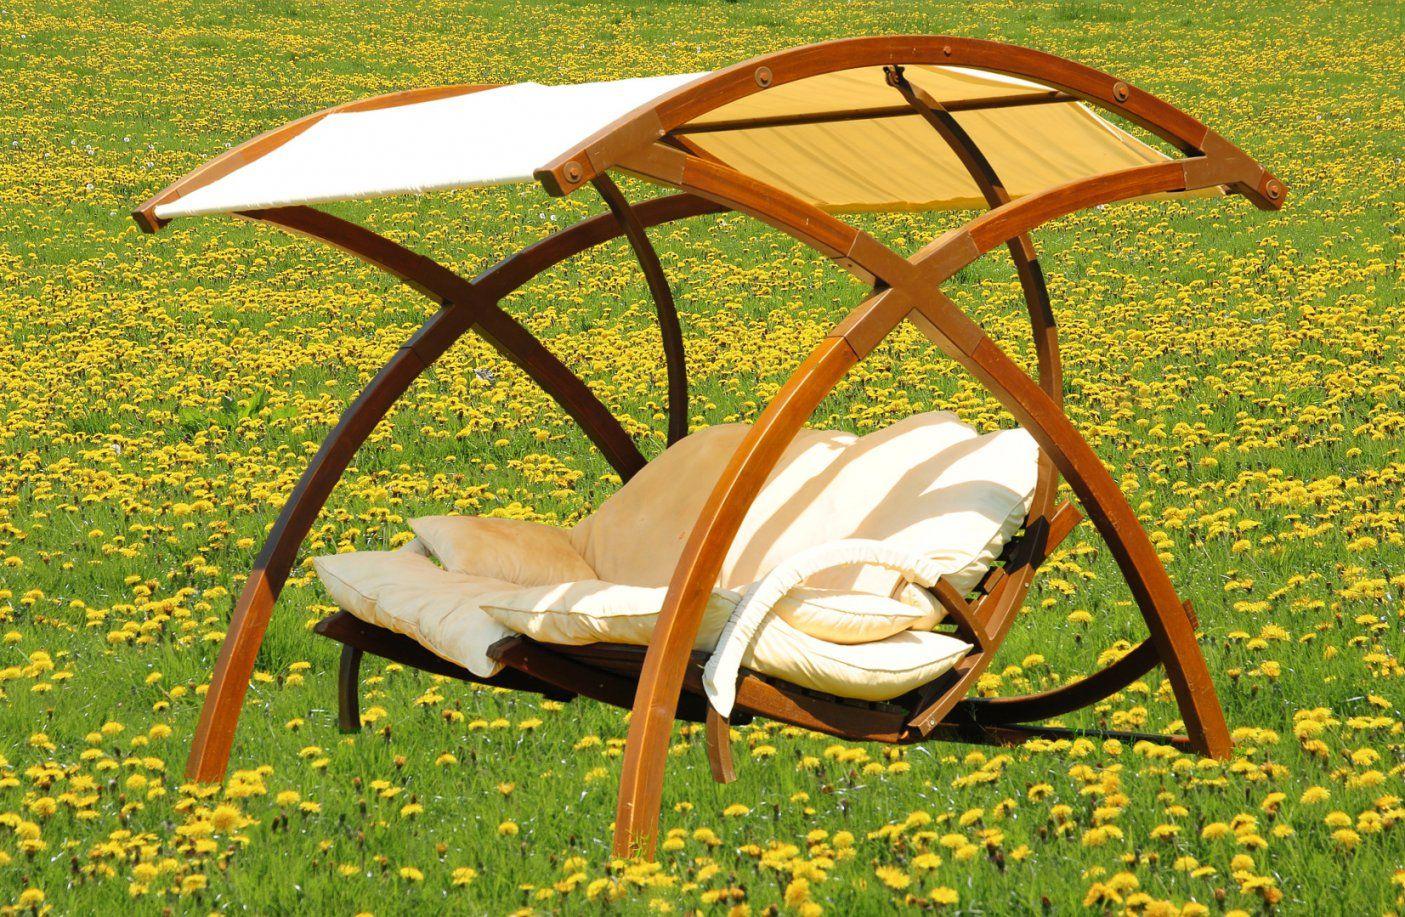 Aus Holz Selber Bauen Mit Eignen Sich Perfekt Um Zu 34 Und Mit Aus von Gartenschaukel Selber Bauen Anleitung Bild